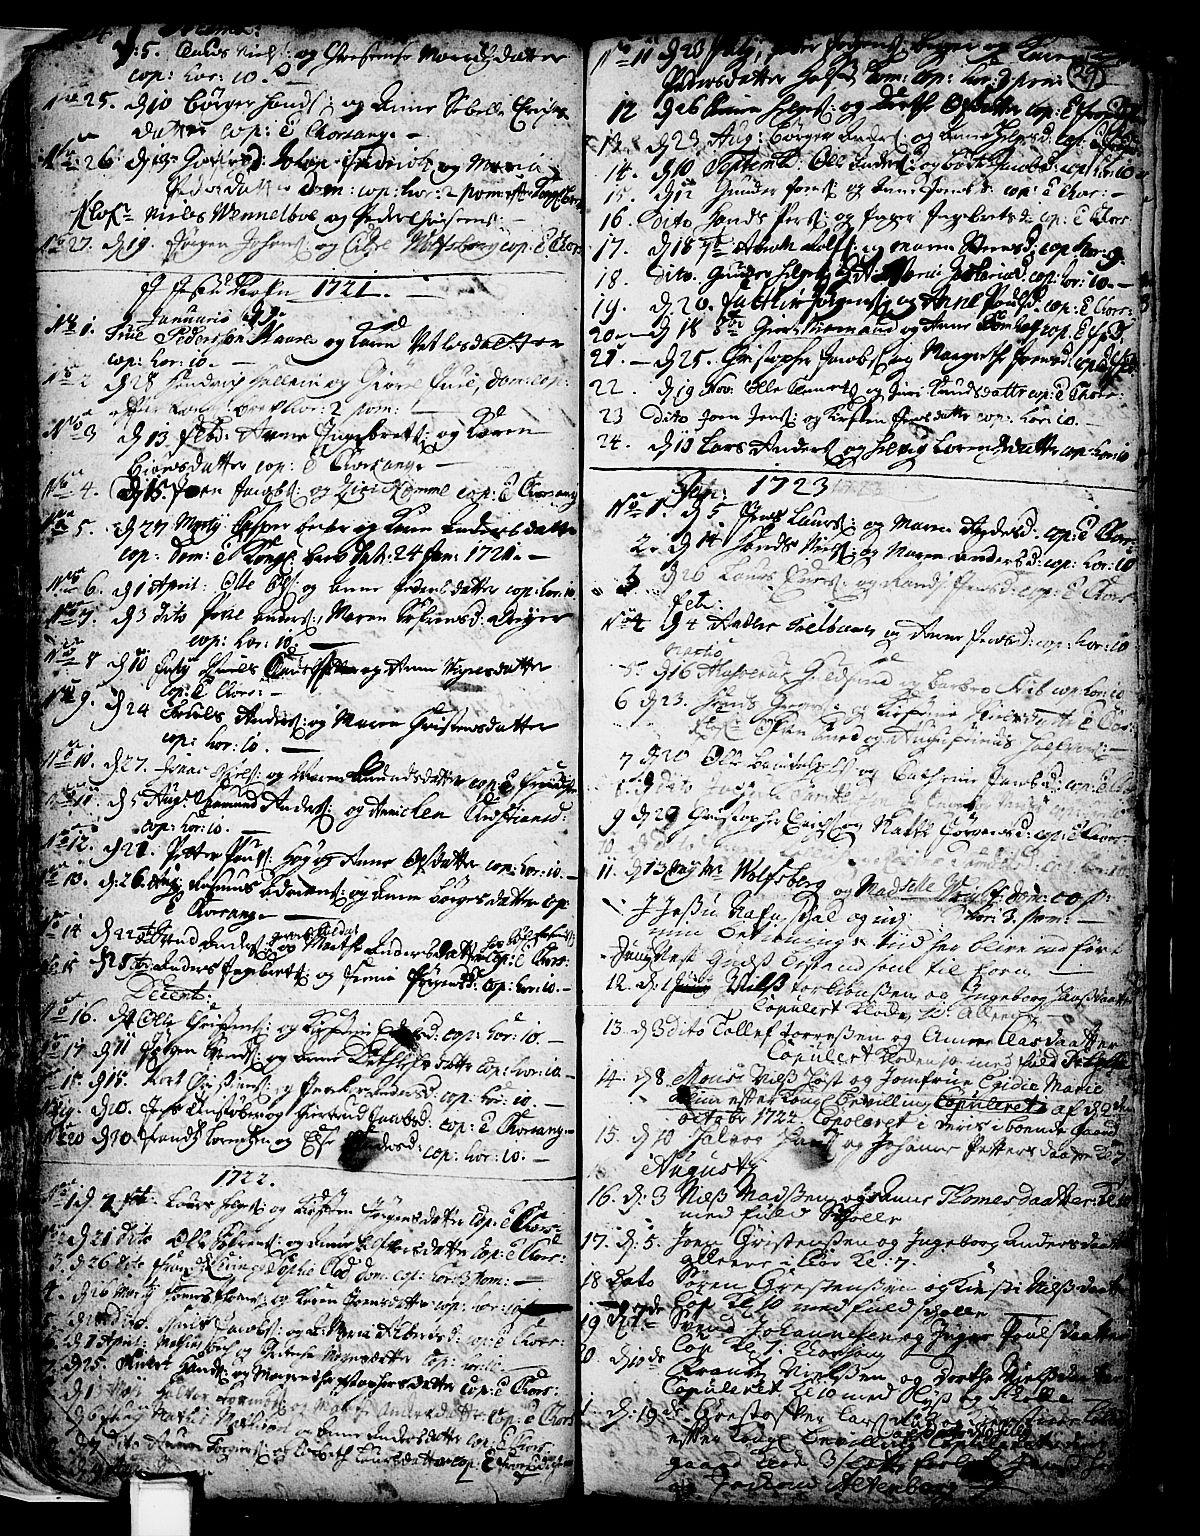 SAKO, Skien kirkebøker, F/Fa/L0002: Ministerialbok nr. 2, 1716-1757, s. 29